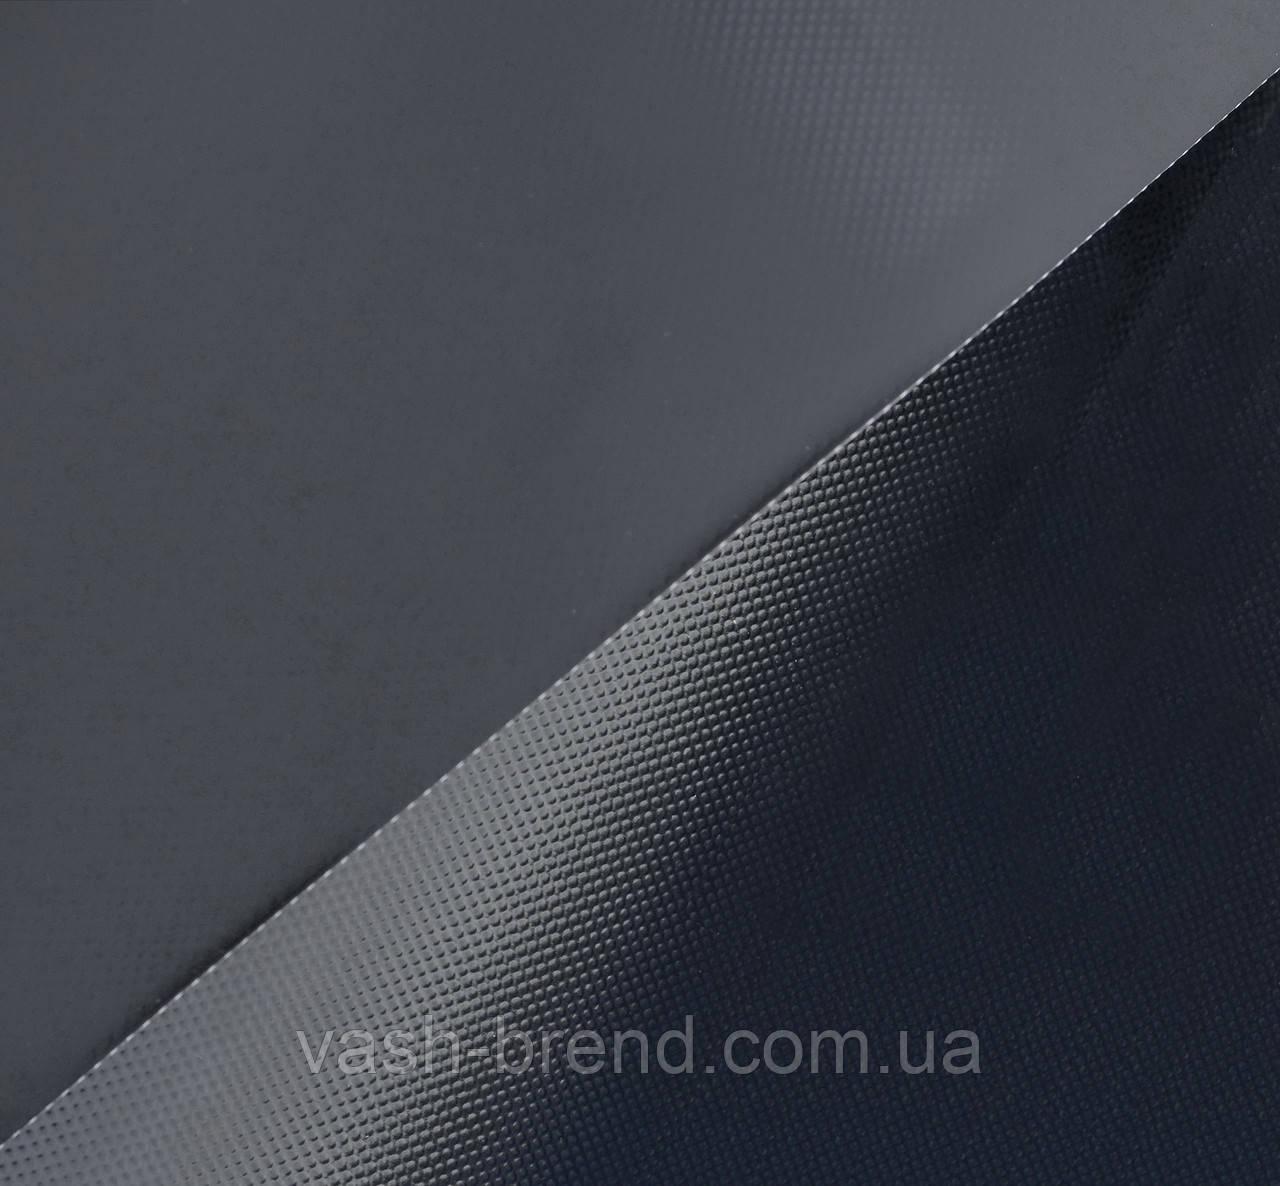 Ткань ПВХ (PVC) 1х2,05м черная 950гр